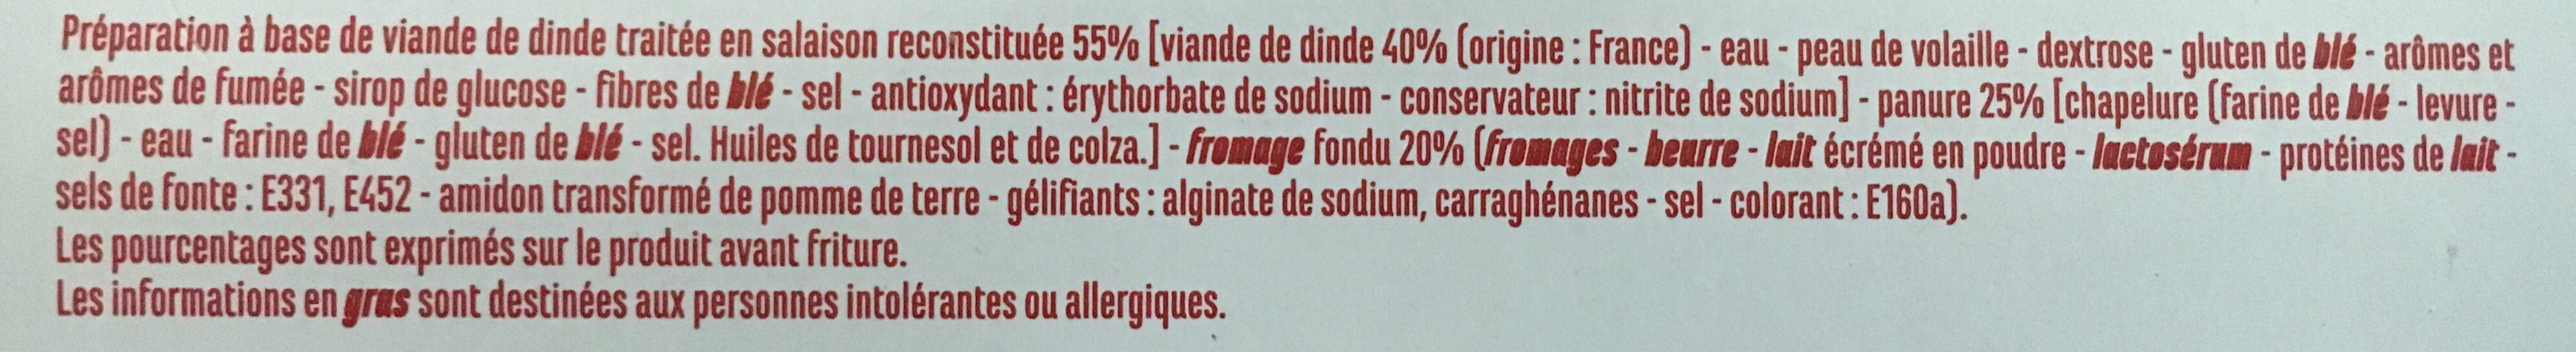 Panés de dinde fromage fondu - Casino - Ingrediënten